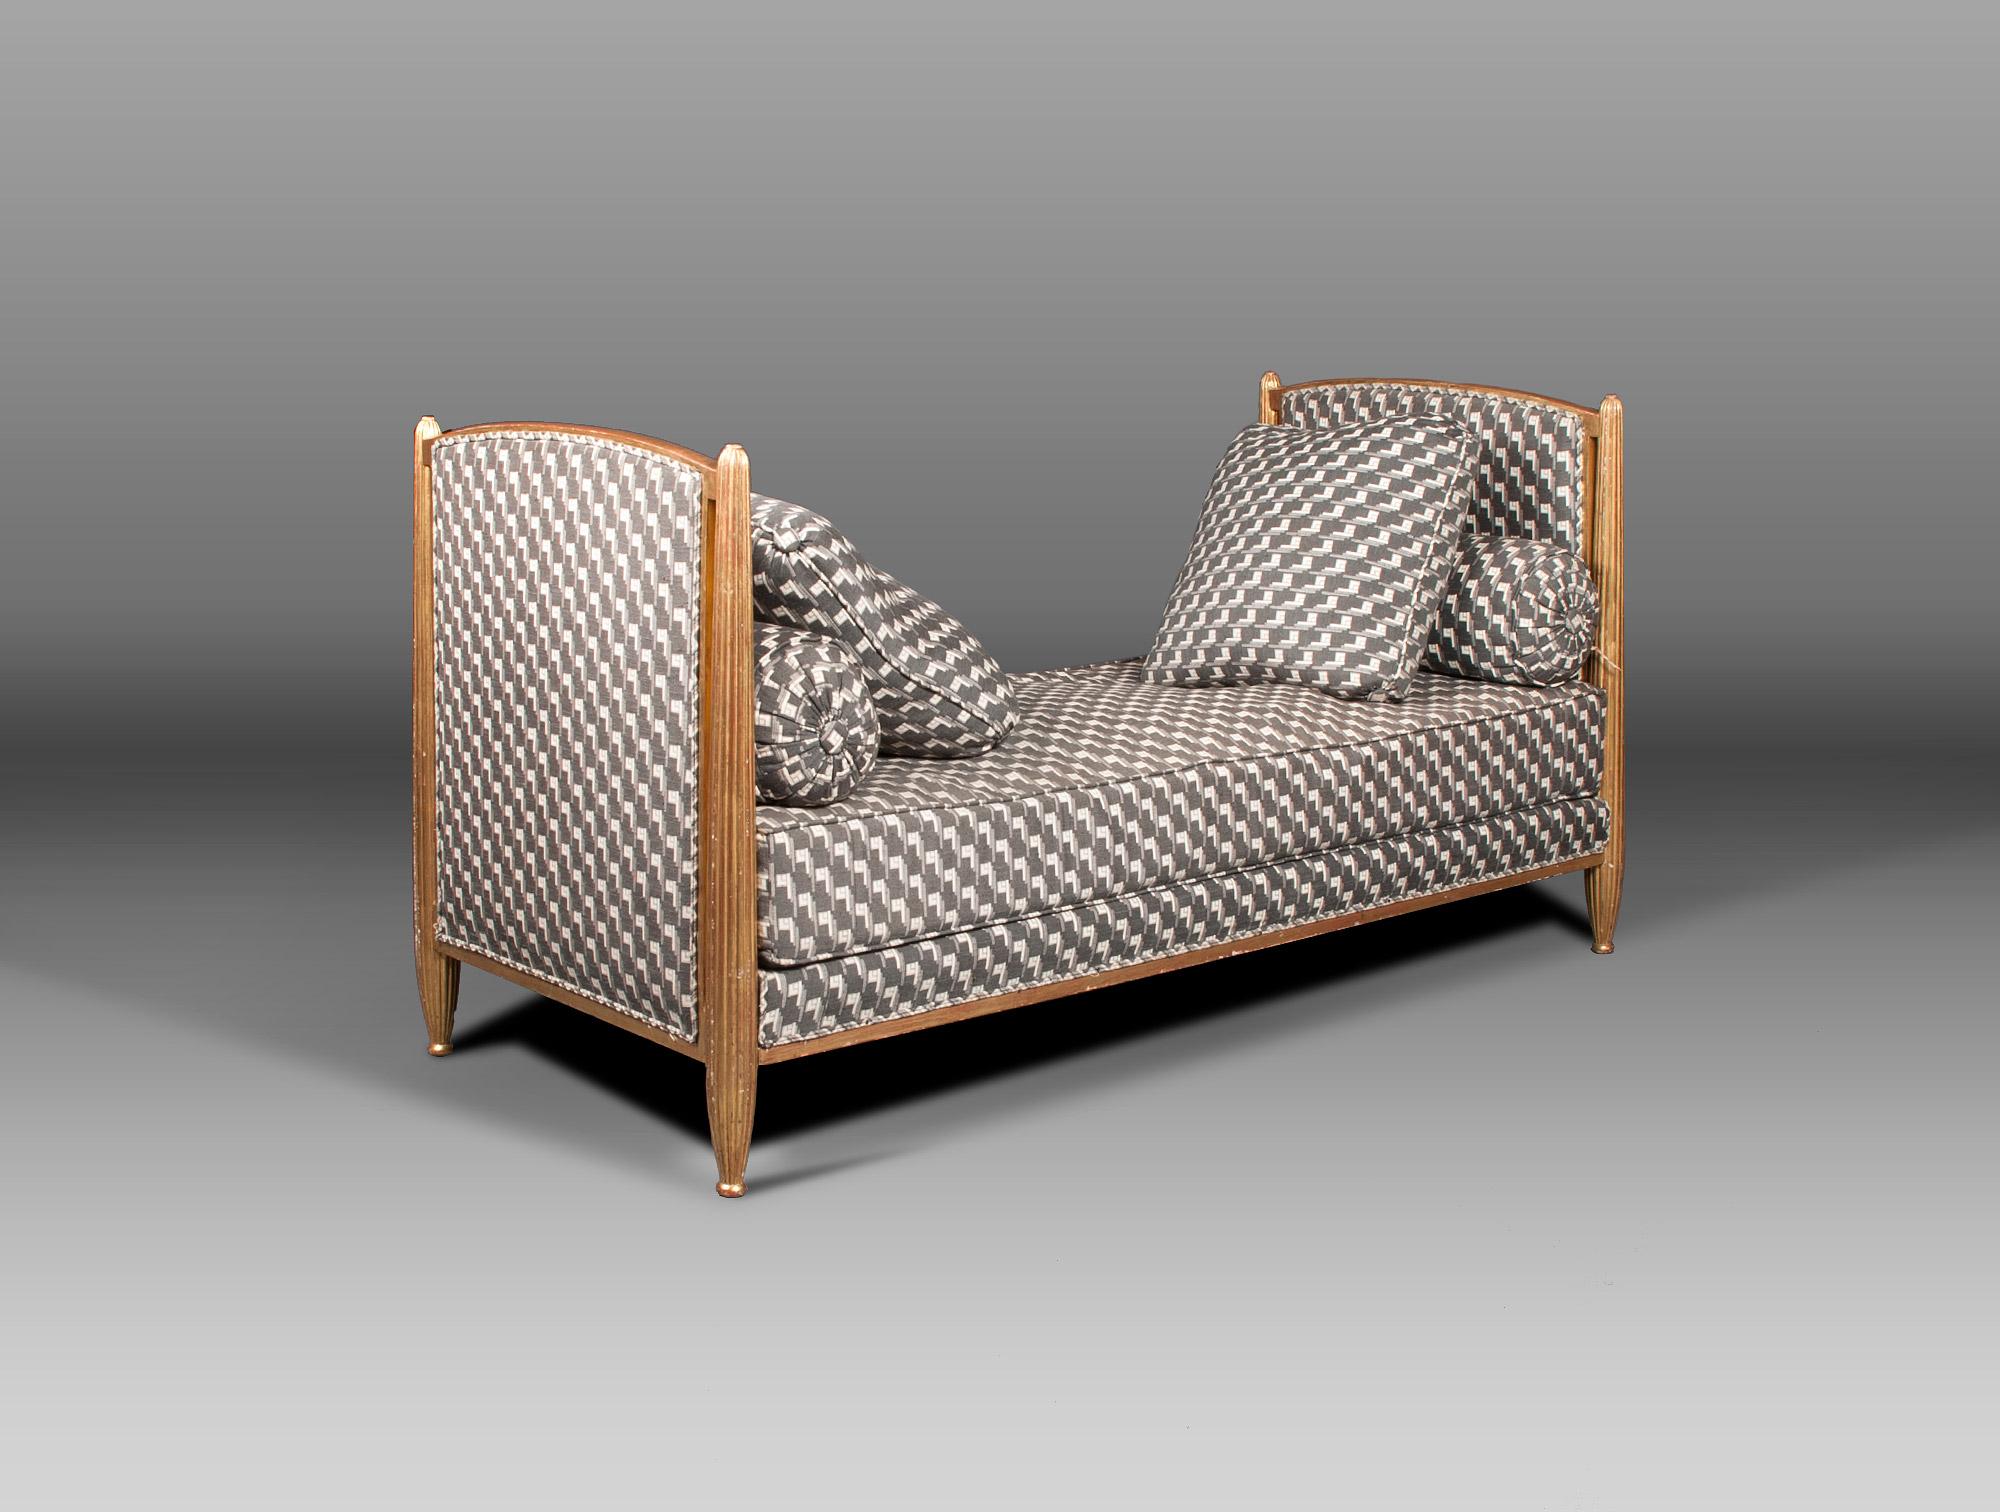 canap art d co soubrier louer si ges canap art d co. Black Bedroom Furniture Sets. Home Design Ideas